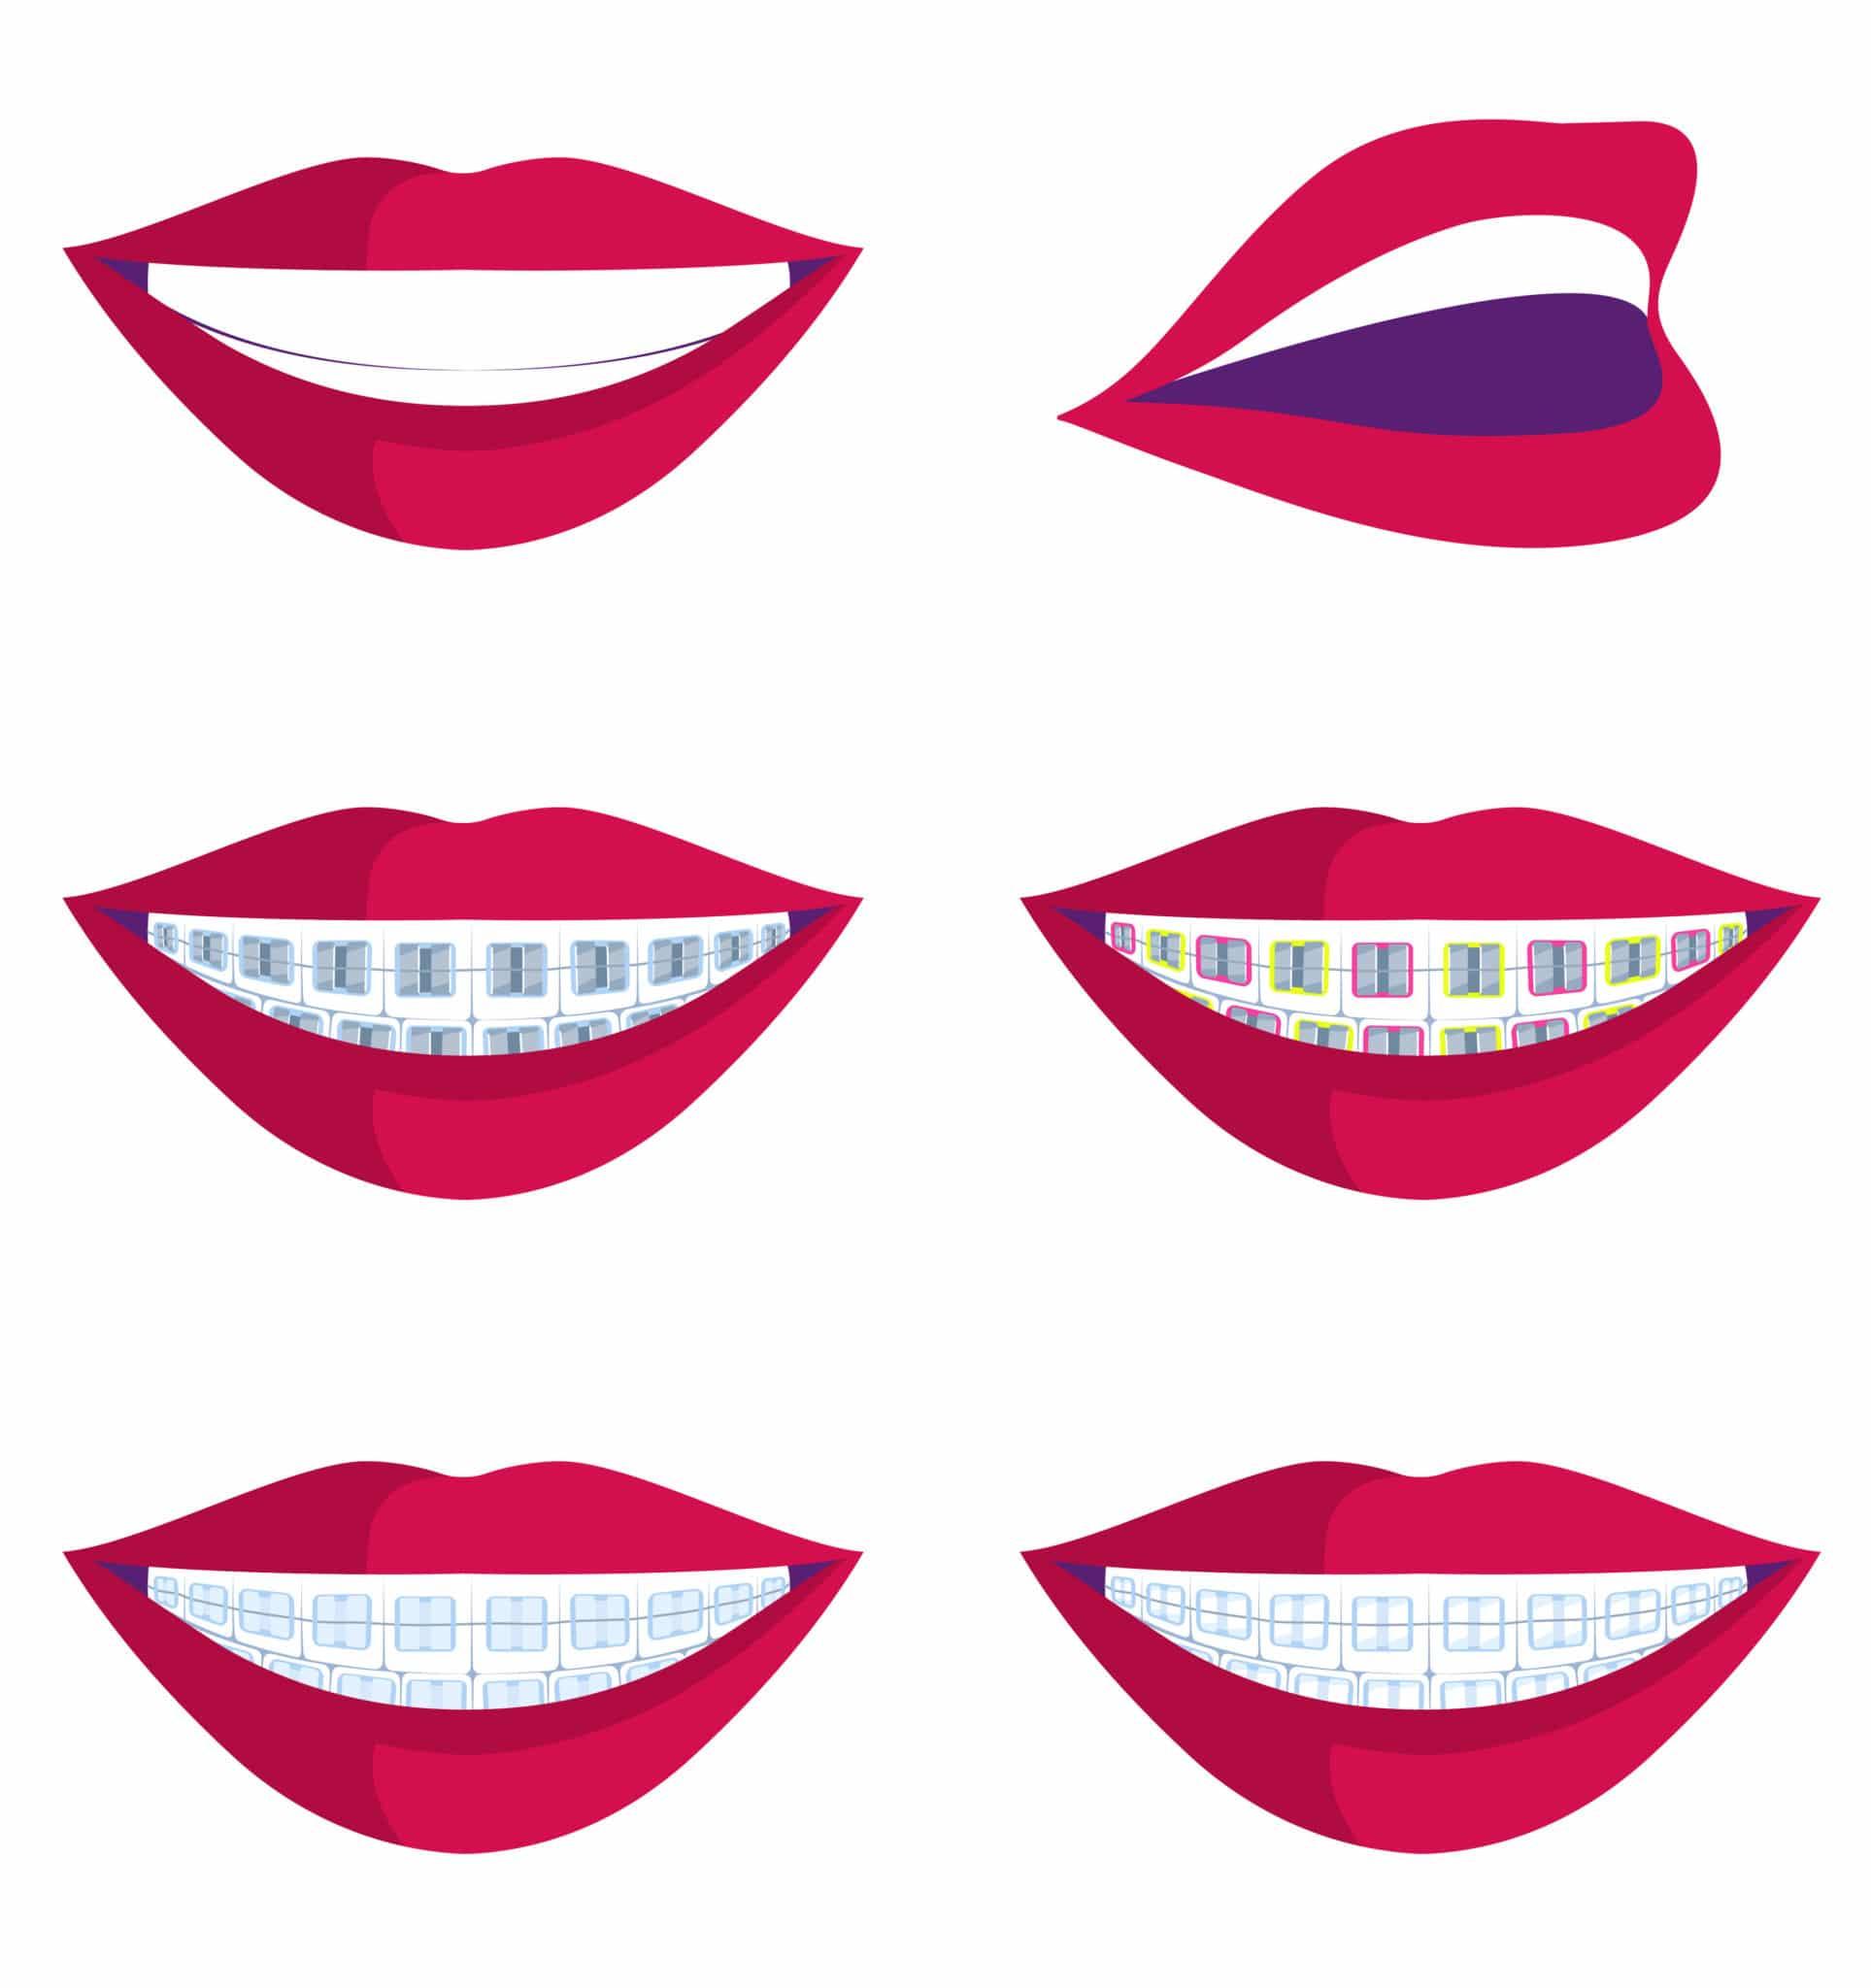 types d'appareils dentaires et comment redresser les dents illustration featured image